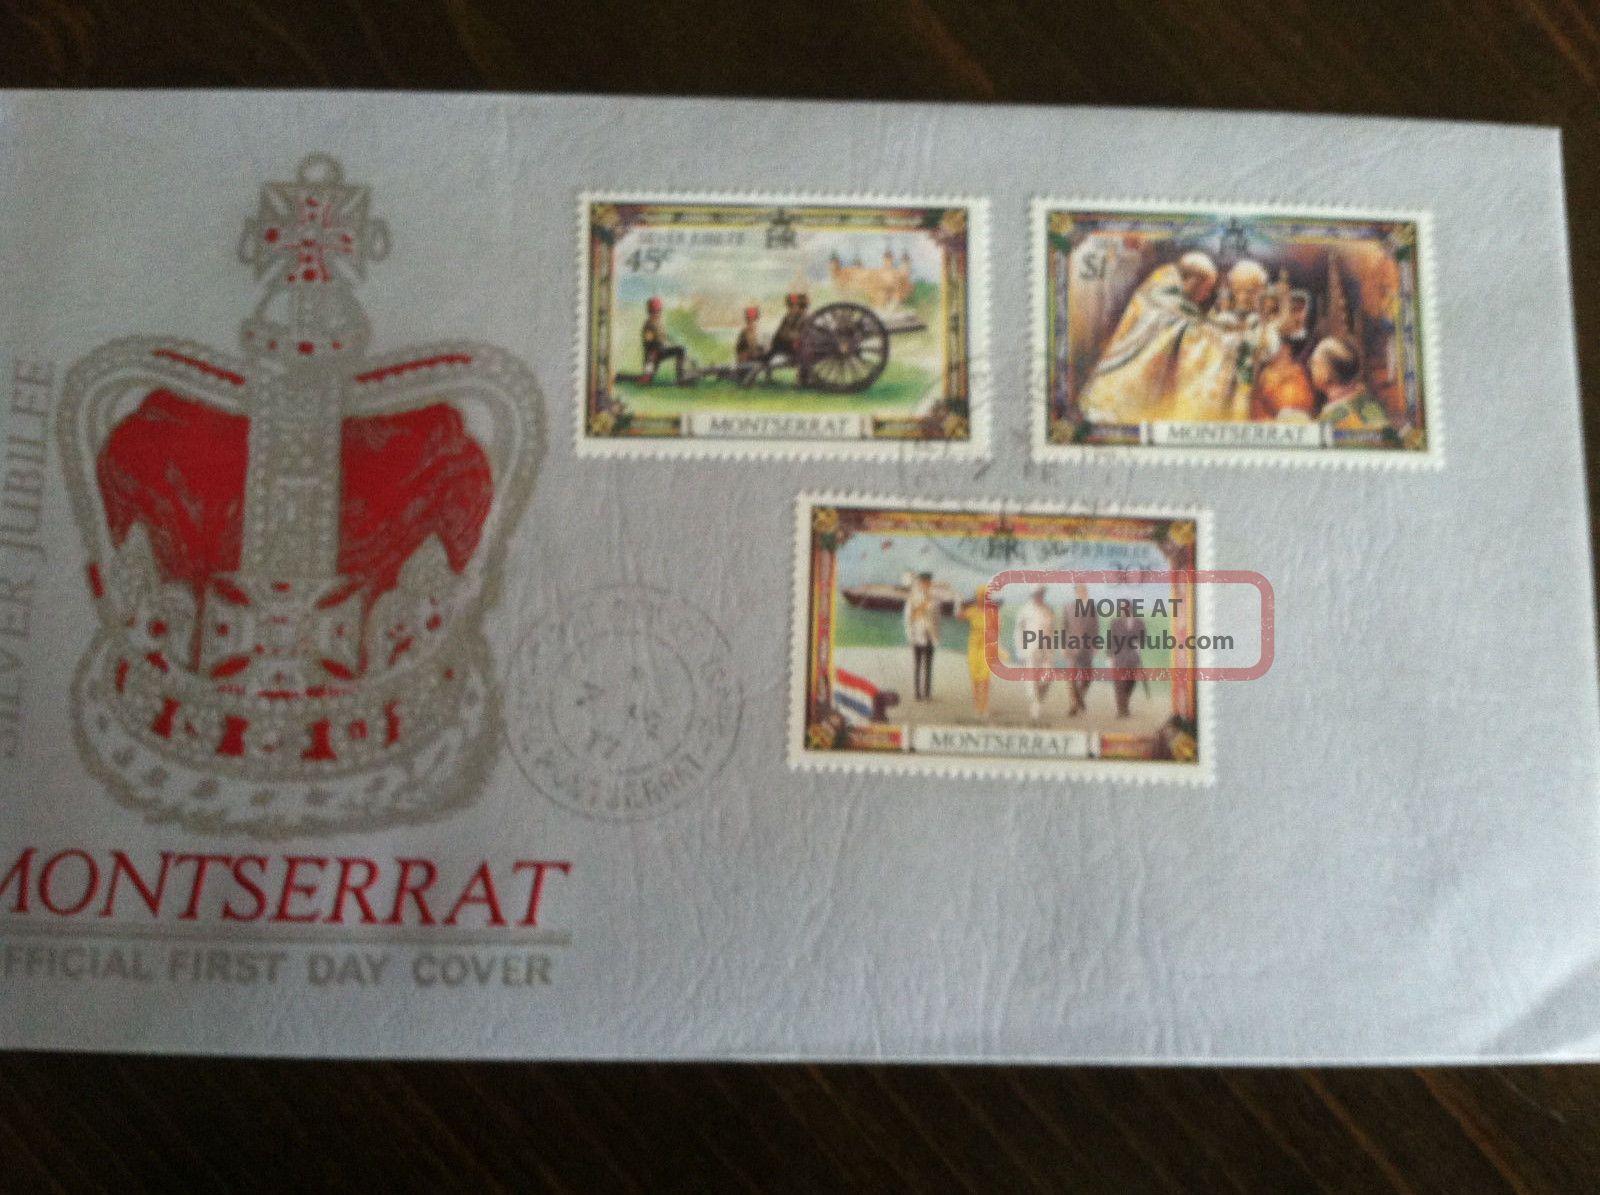 1977 First Day Issue Montserrat Stamp Worldwide photo